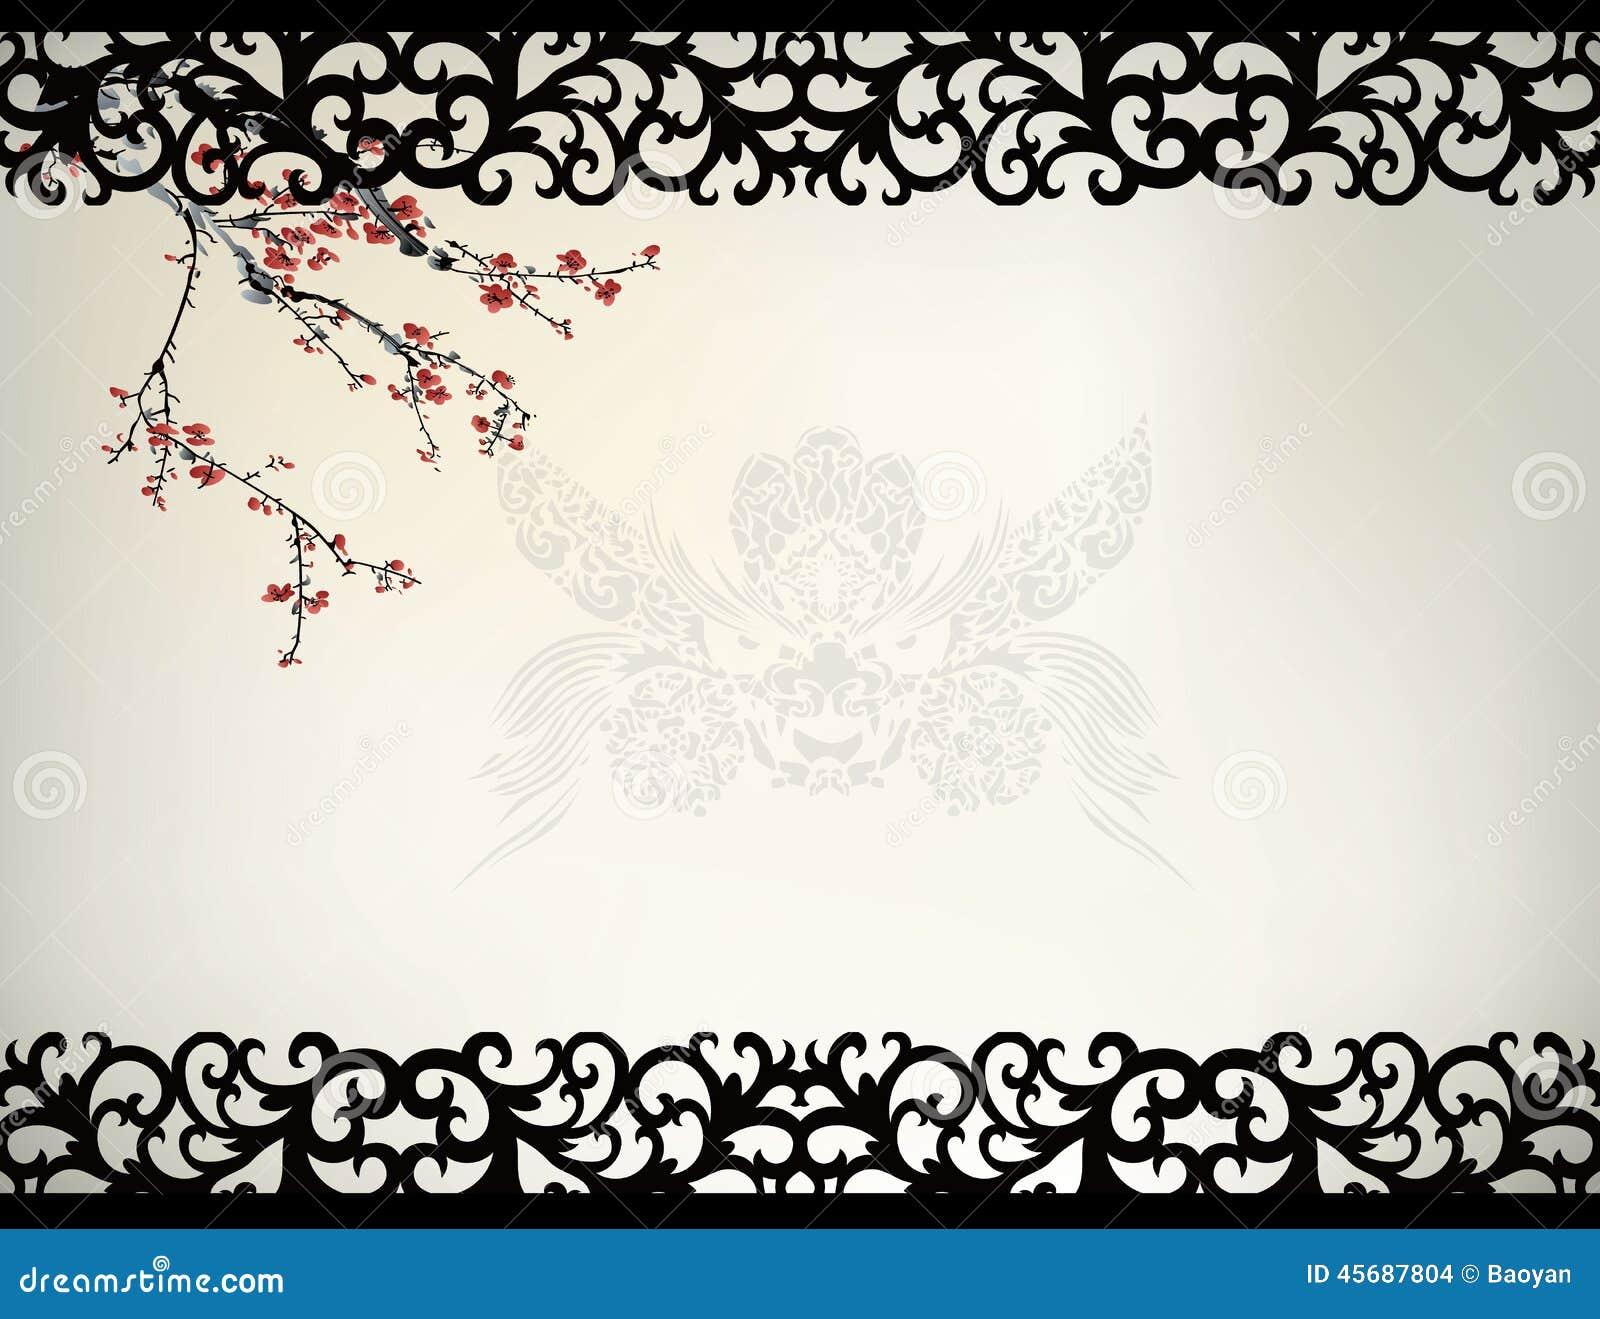 Marco de ventana chino ilustración del vector. Ilustración de vector ...